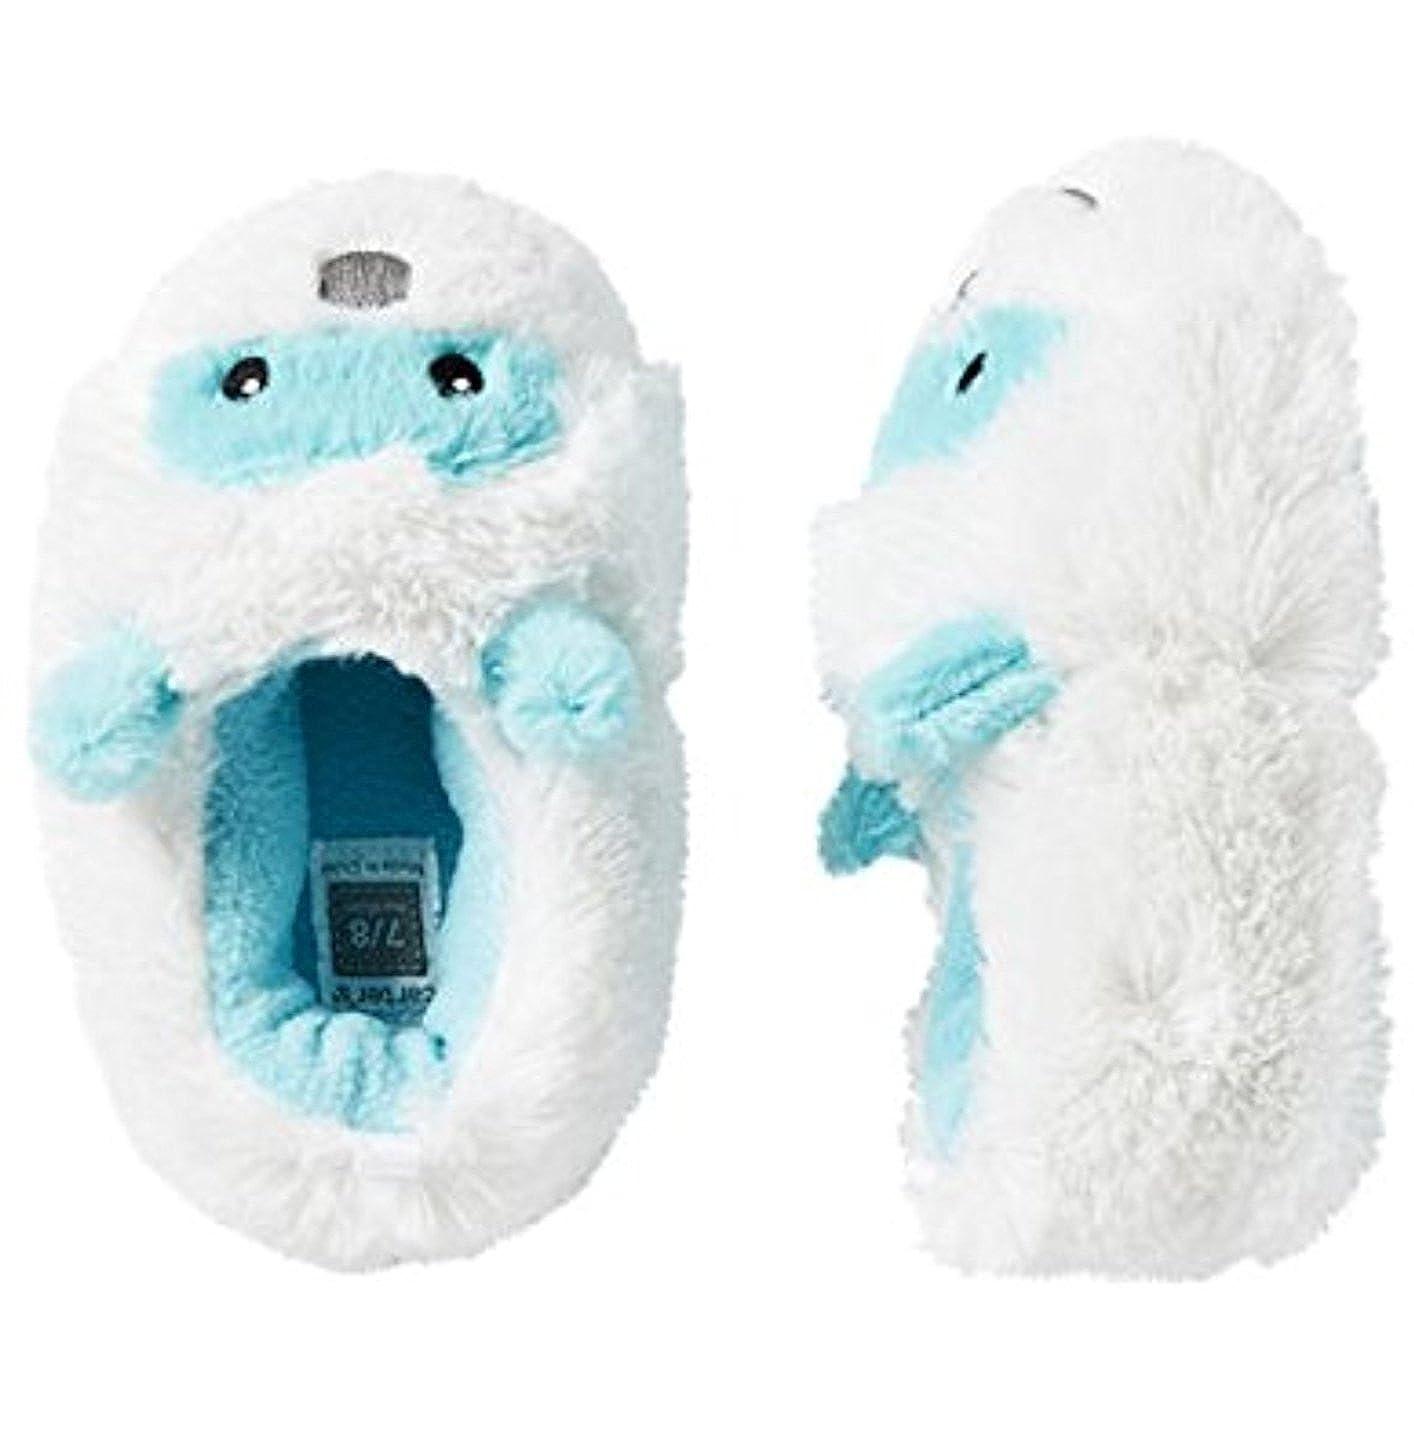 Carter's Unisex Monster Slippers XL 11 12 White Blue